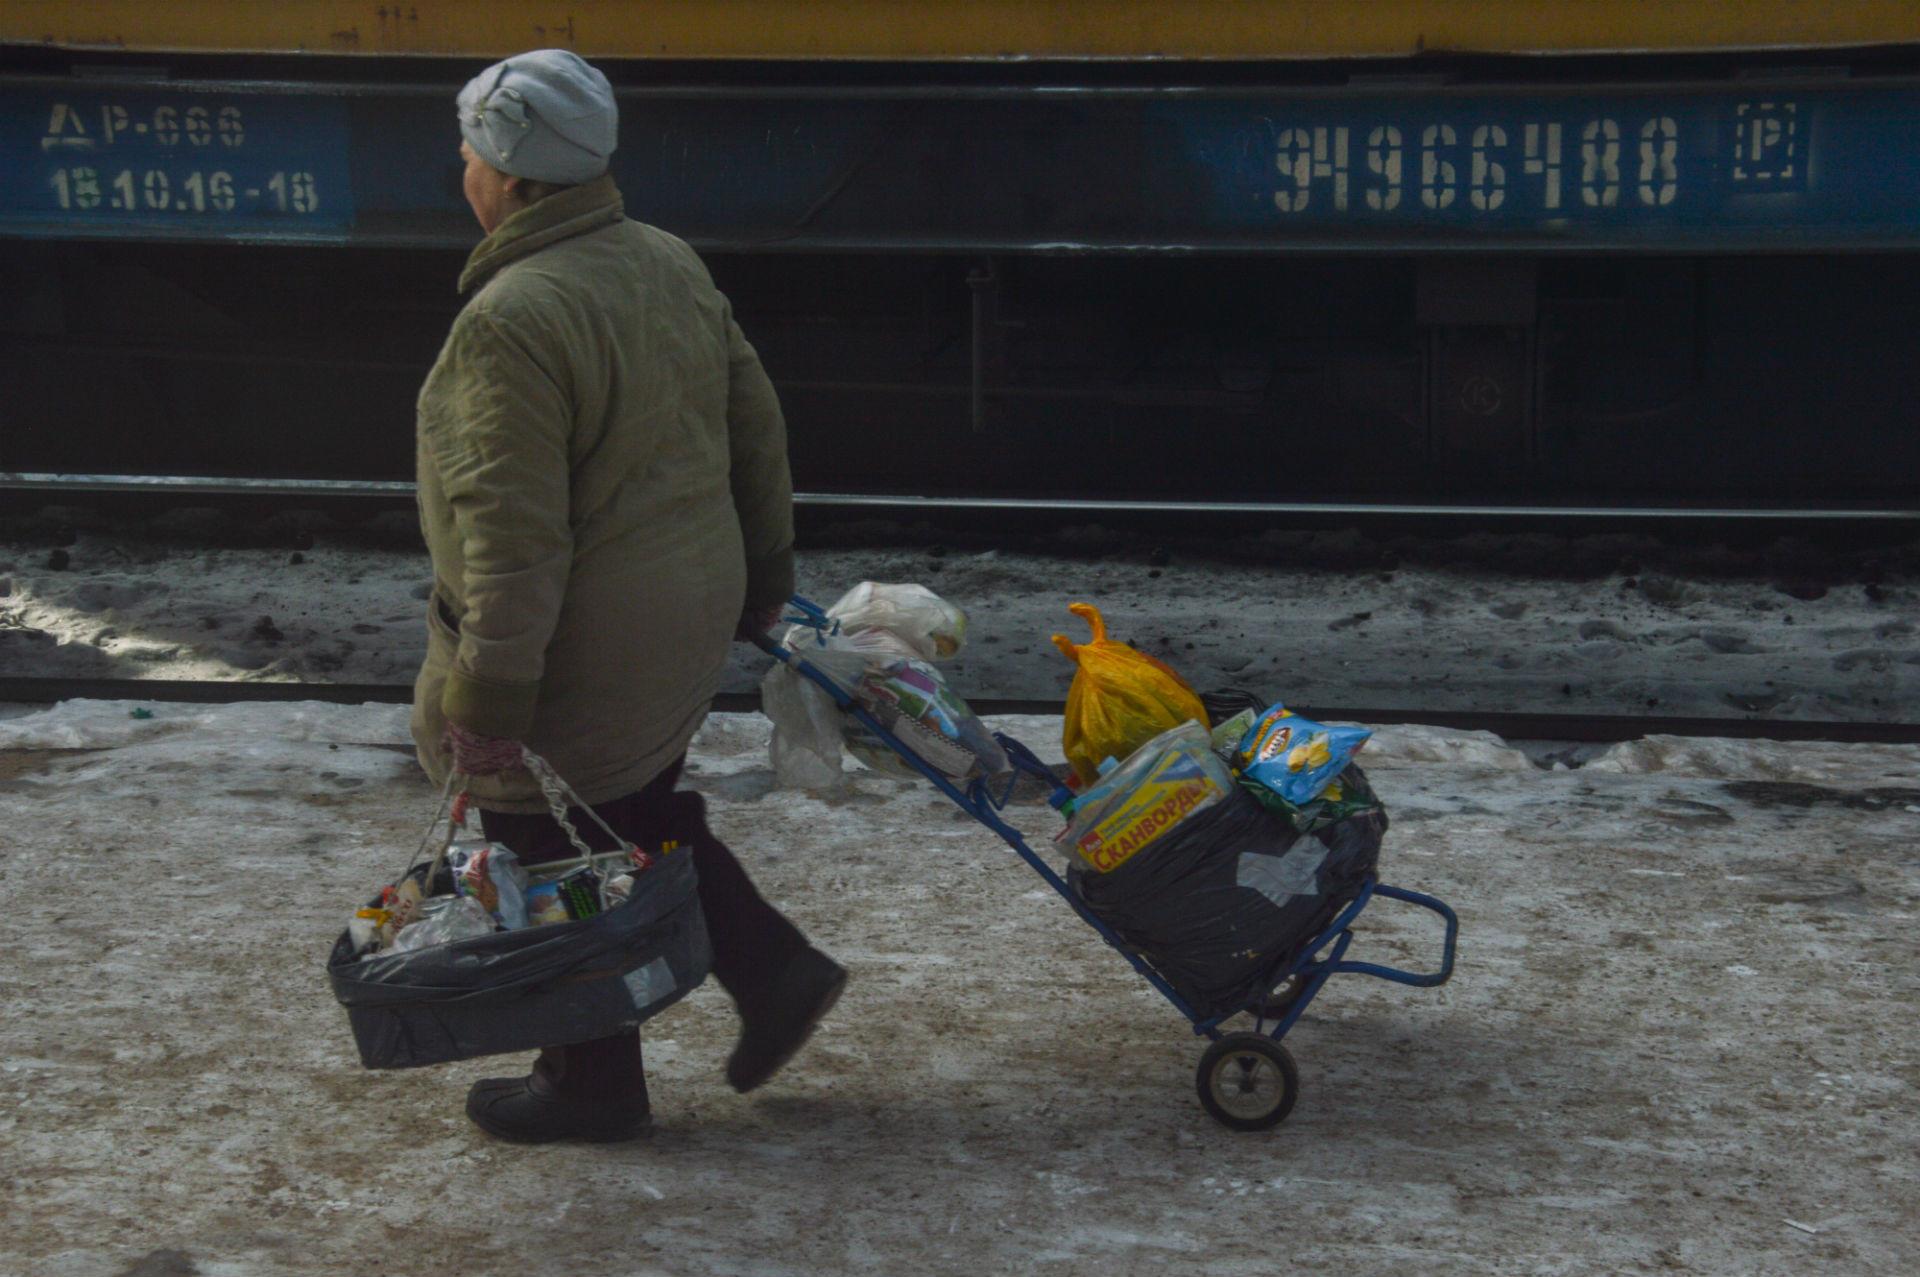 Una babushka si prepara a vendere la sua merce ai passeggeri del prossimo treno